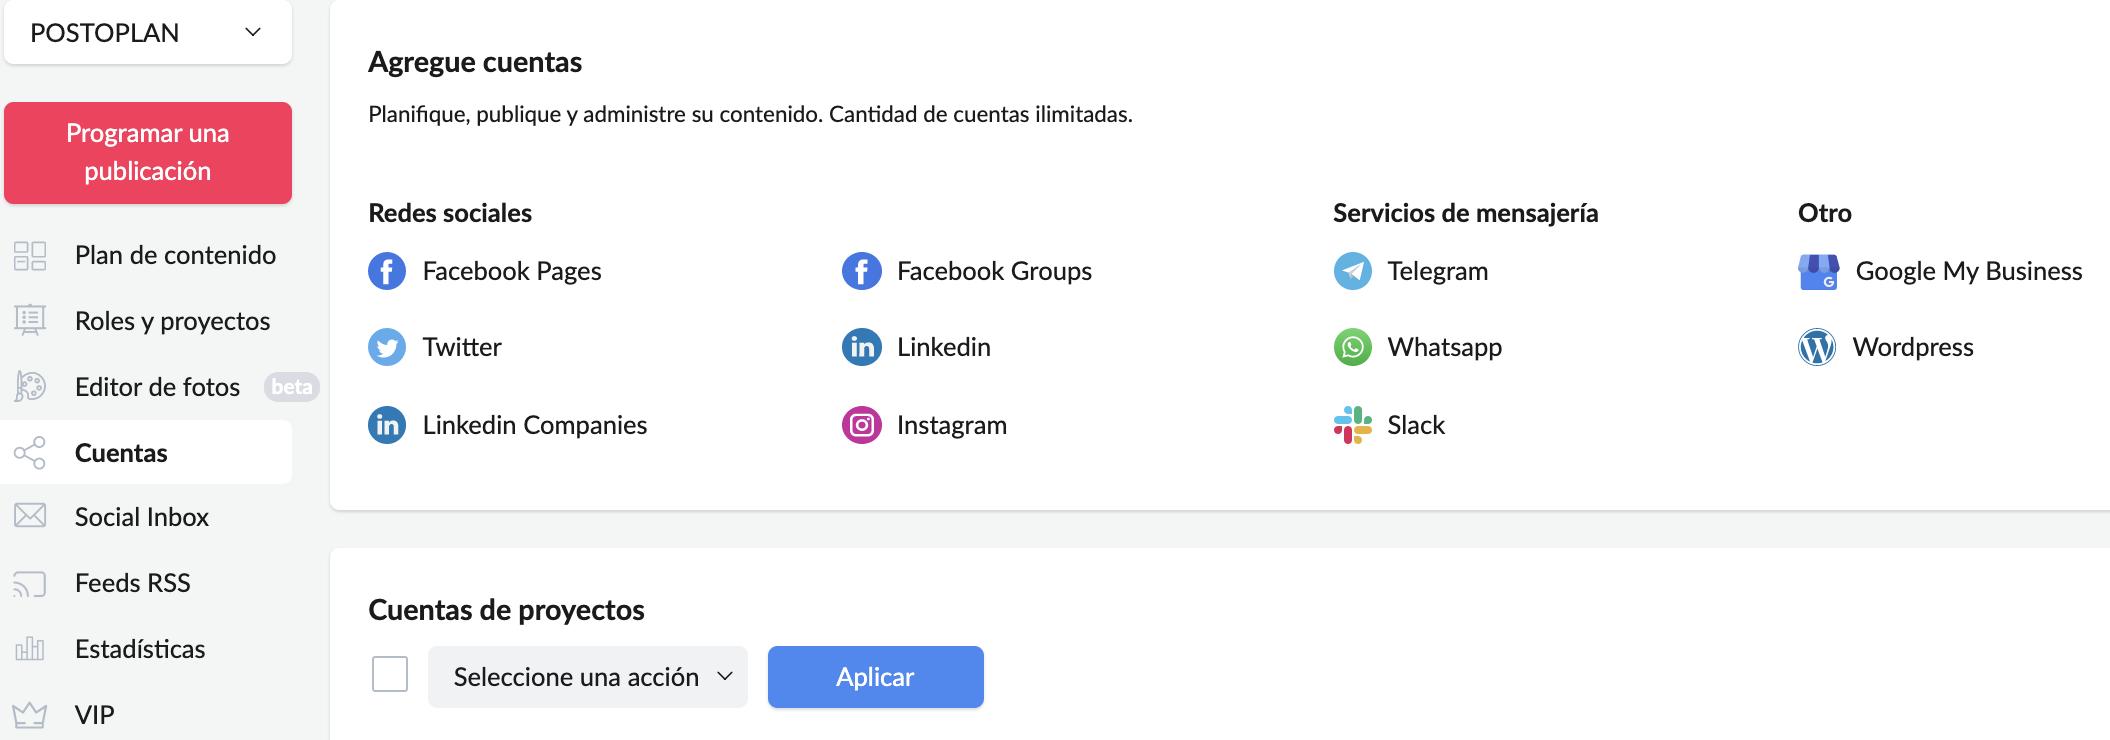 ¿Cómo programar una publicación de Facebook con Postoplan? - Imagen 7